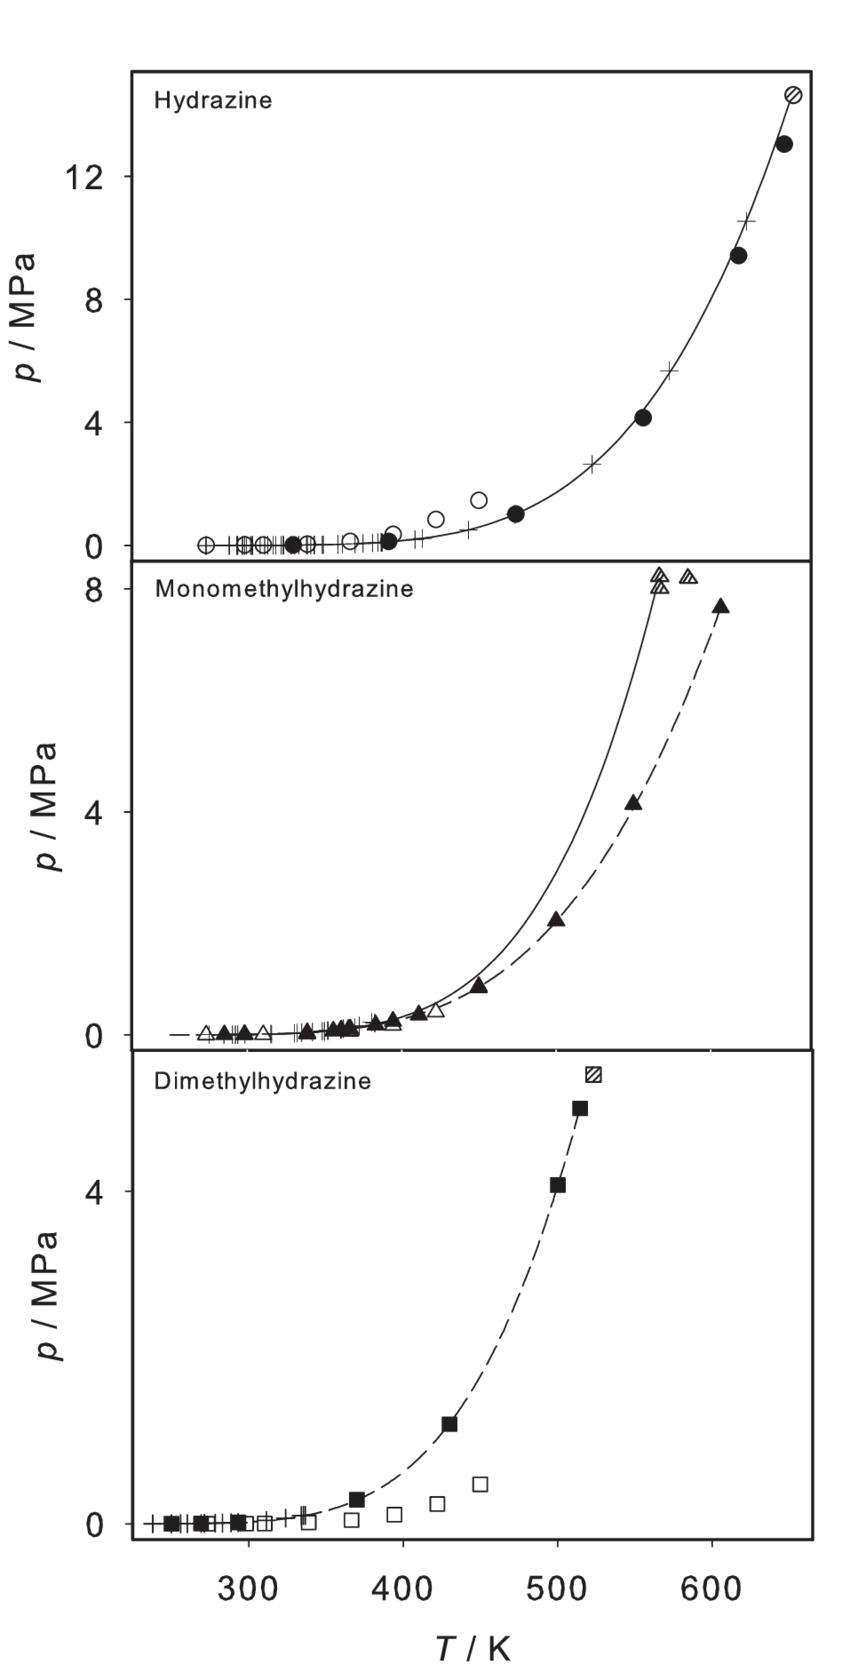 medium resolution of vapor pressure of hydrazine monomethylhydrazine and dimethylhydrazine